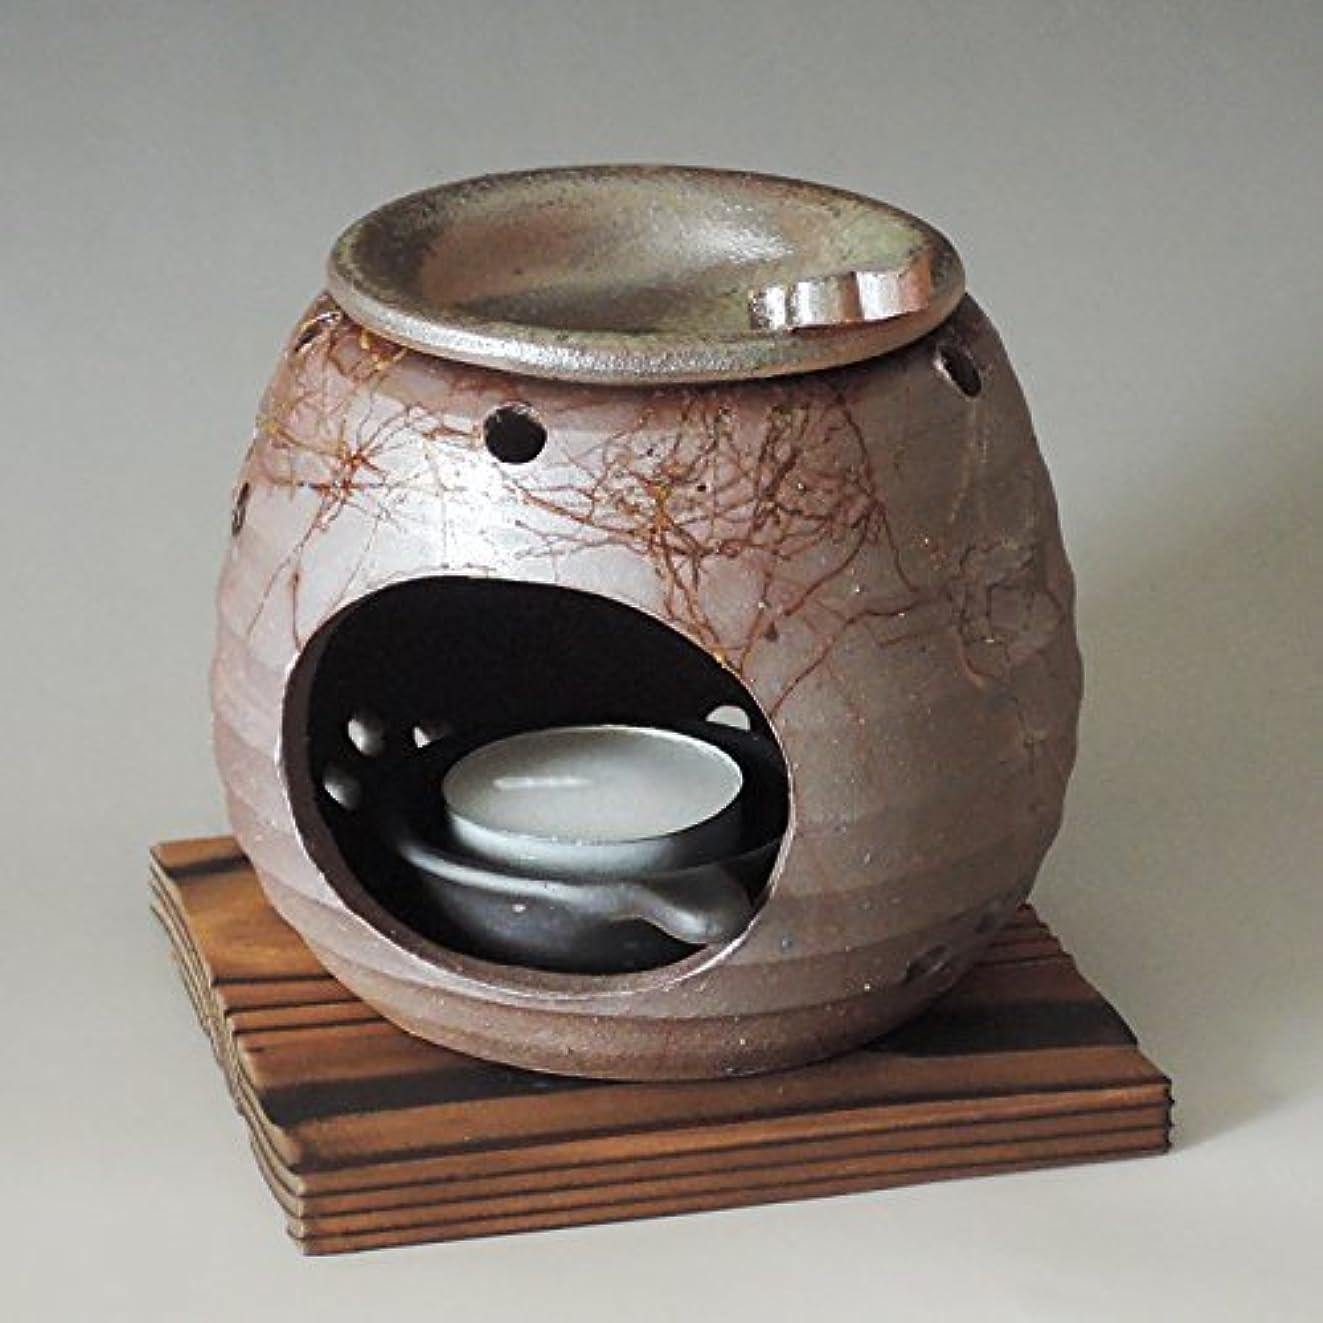 投資するプリーツルーキー茶香炉 常滑焼 石龍作「藻掛け」川本屋茶舗